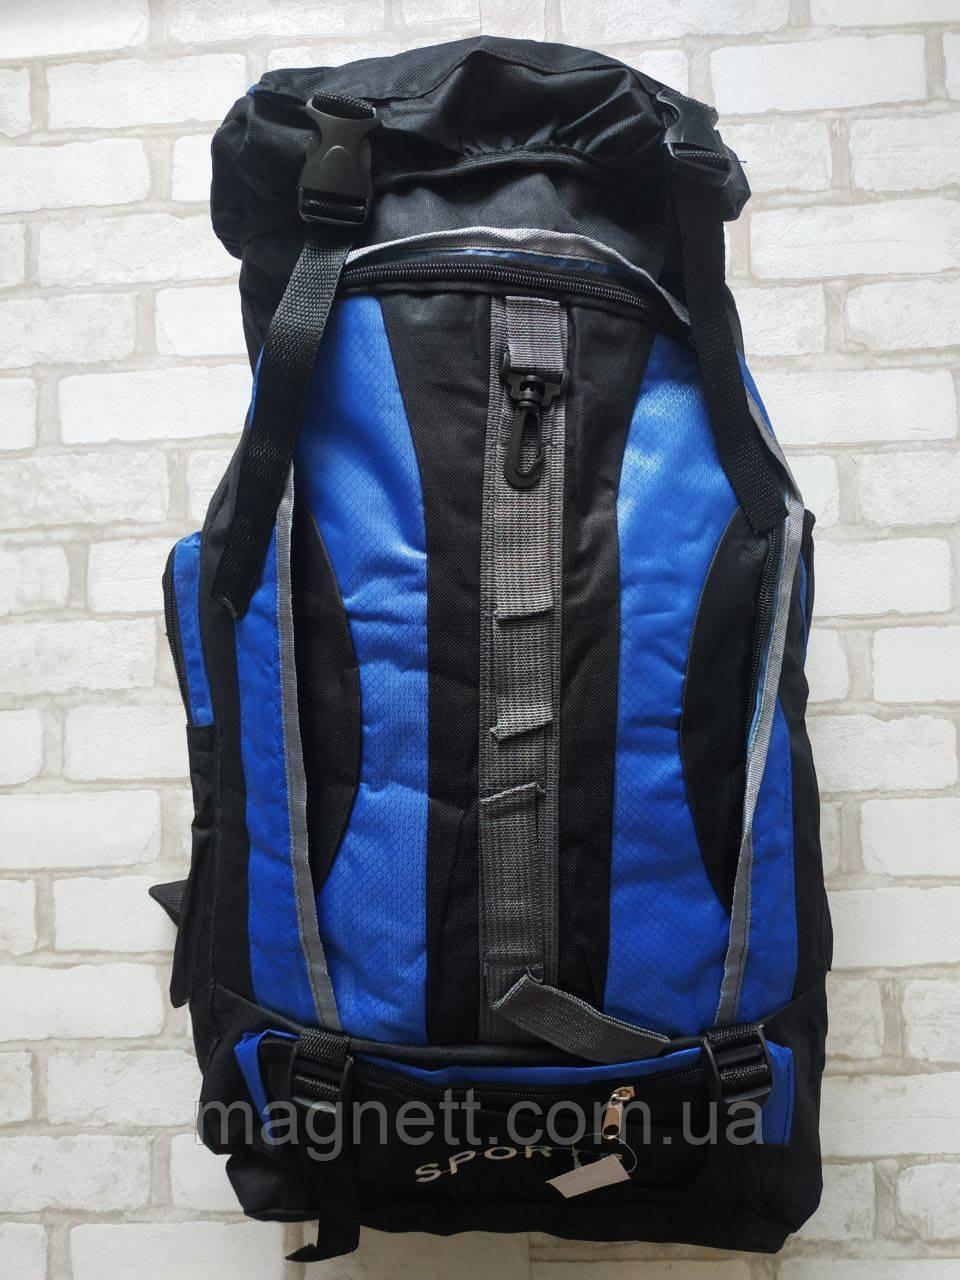 Туристичний,похідної дорожній рюкзак Sports 70 літрів (синій)